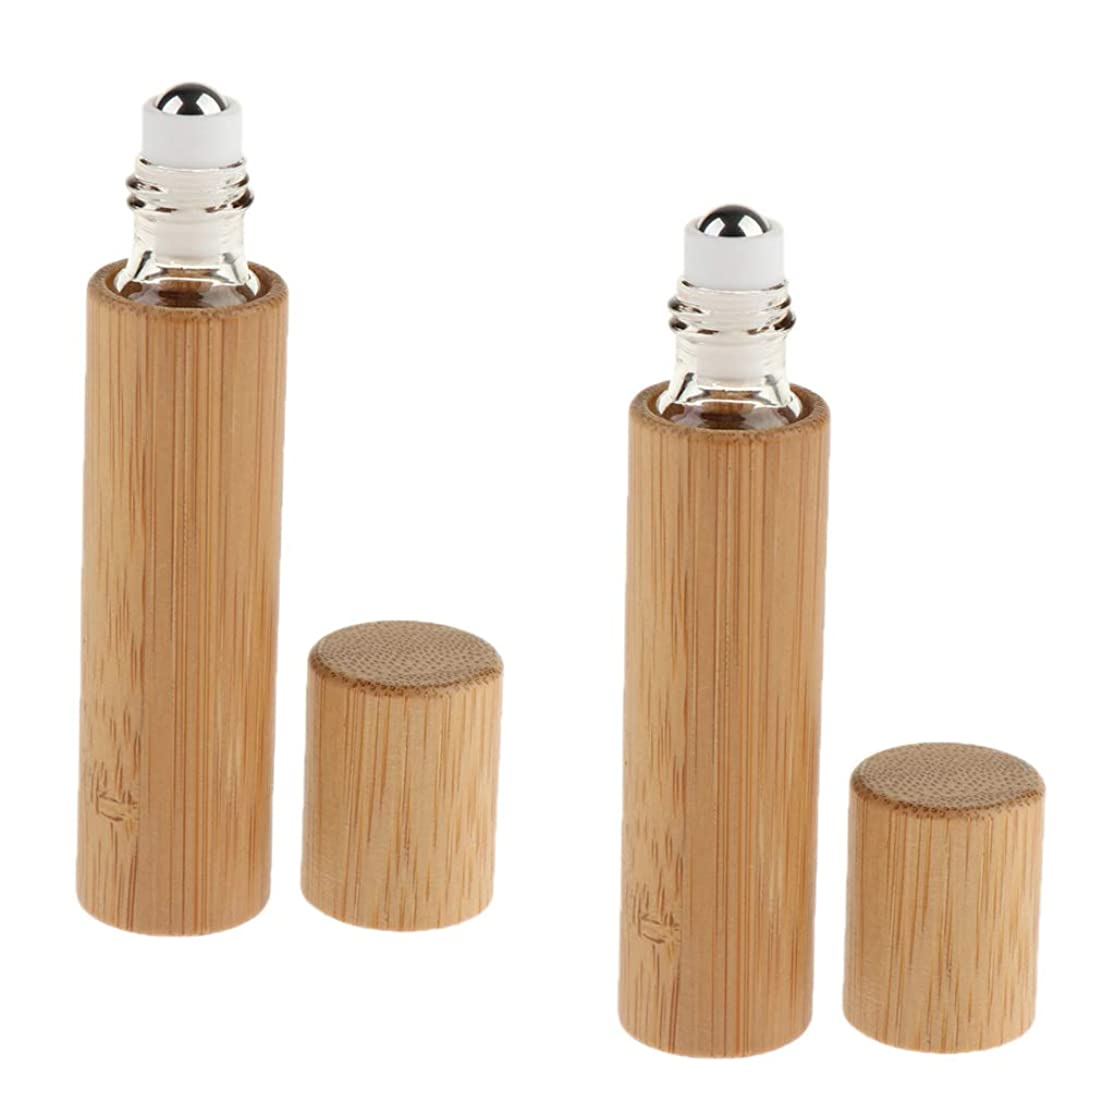 二層彼らのもの添付Fenteer ロールオンボトル 小分けボトル 詰め替え 精油瓶 香水ボトル 竹 空容器 携带便利 10ml 2個入